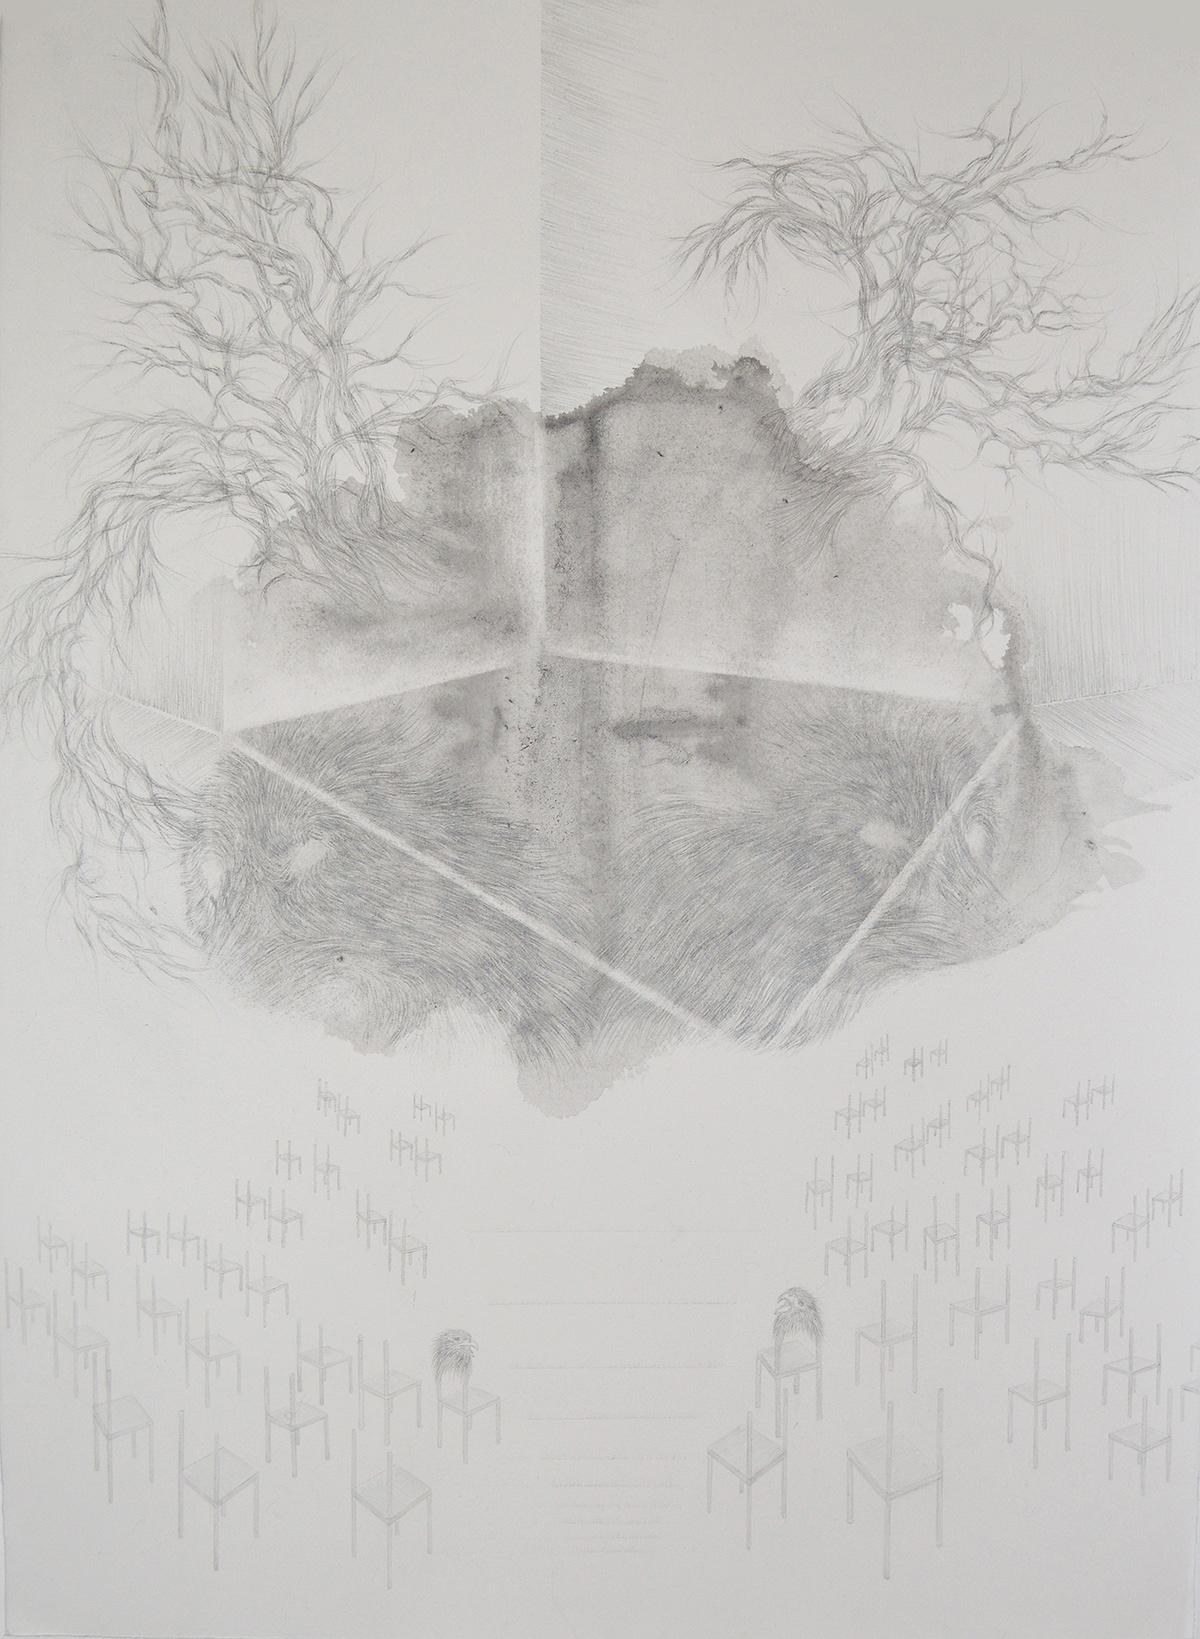 <i>Le conseil des doubles</i>, 2015, graphite et lavis, 80x60cm